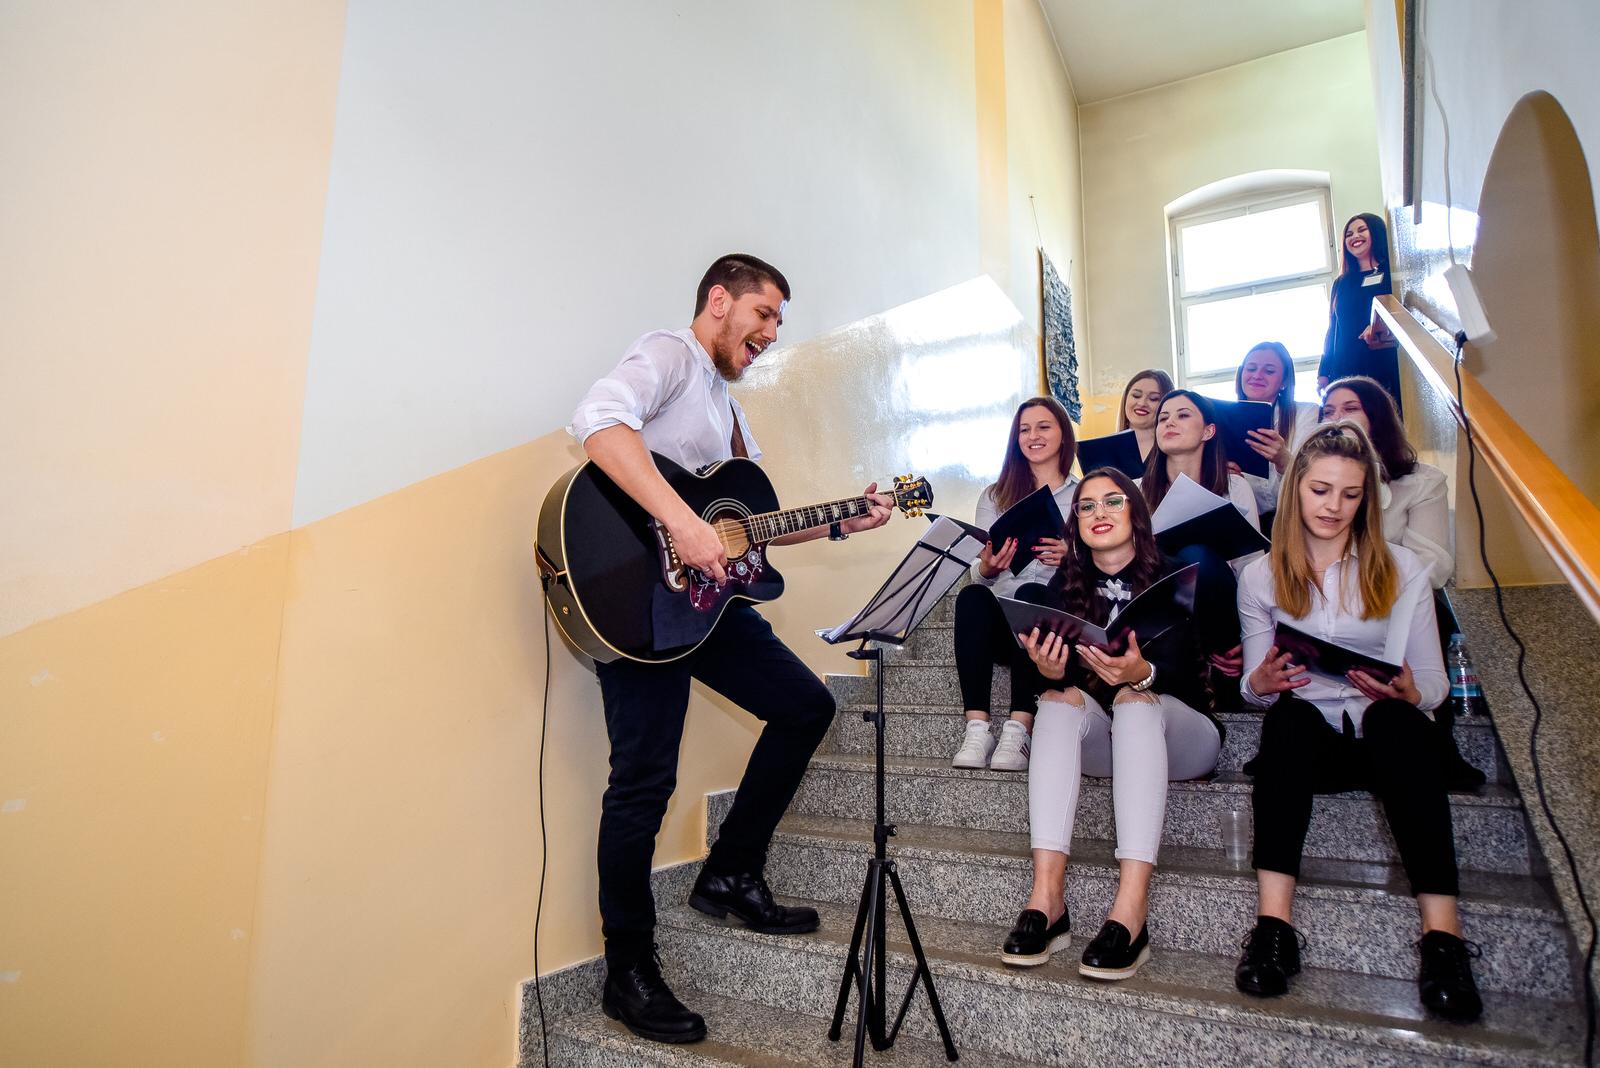 likaclub_gospić_100-godina-obrazovanja-učitelja-u-gospiću_2019-27